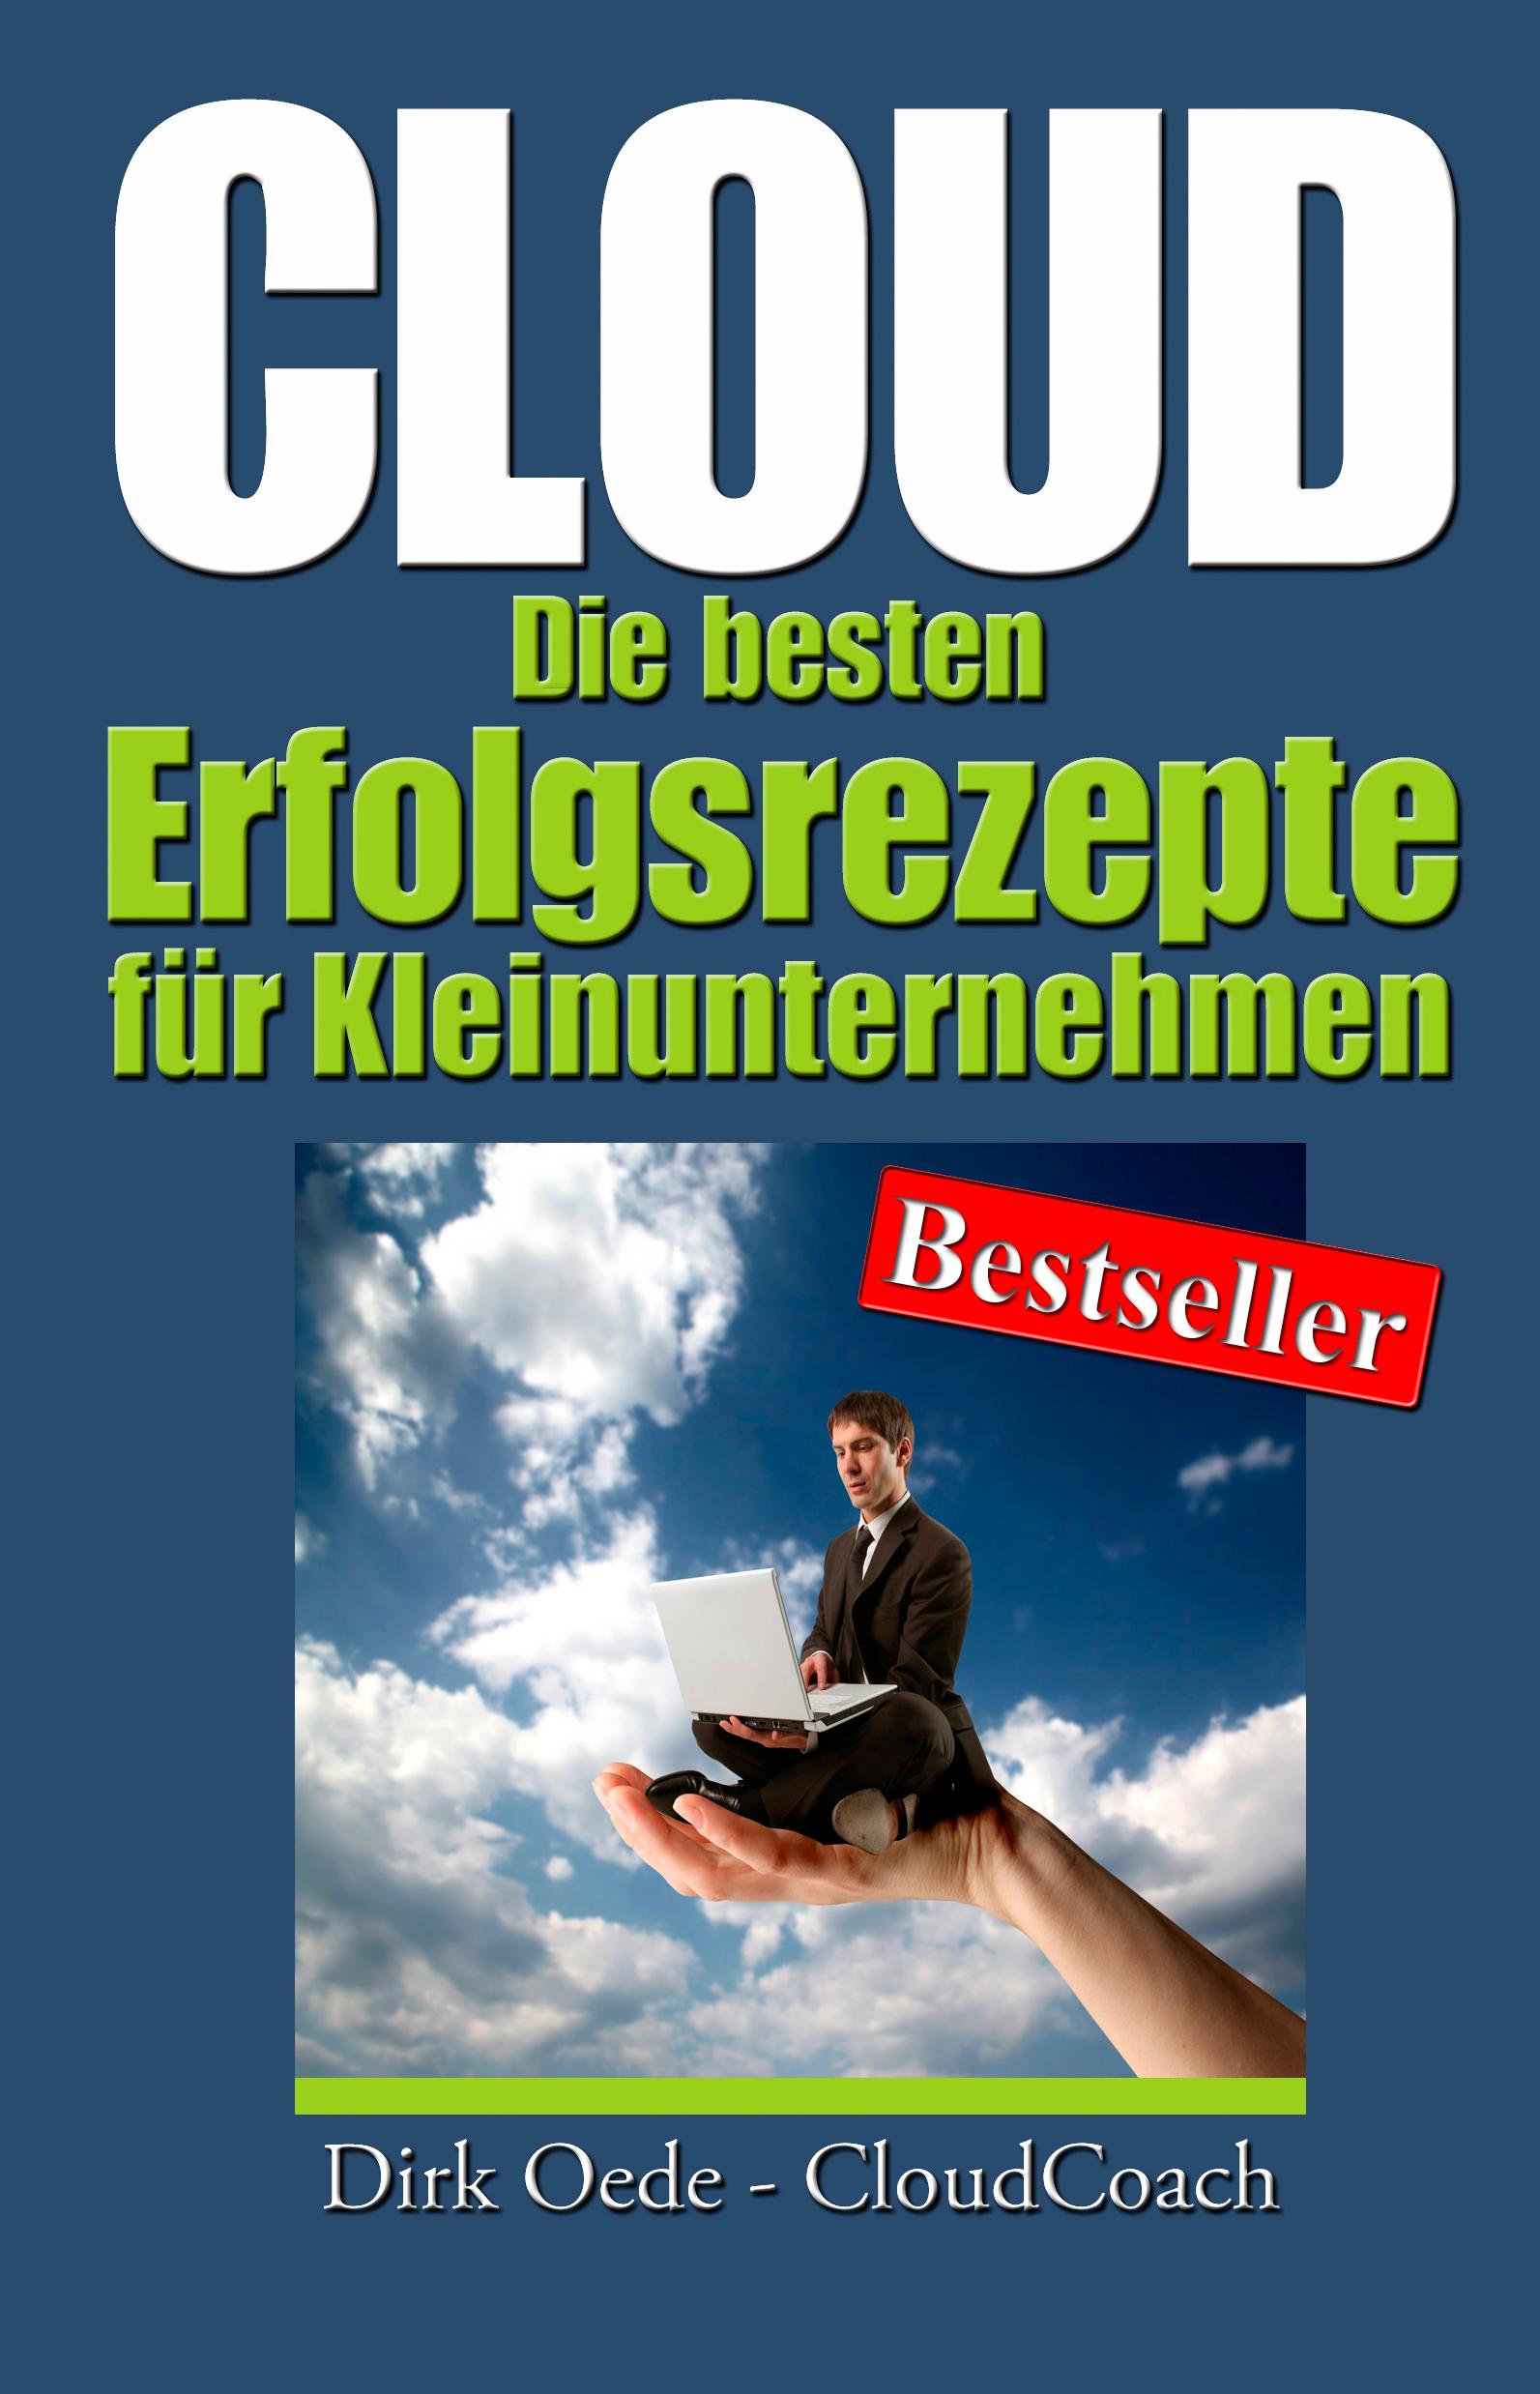 Cloud - die besten Erfolgsrezepte für Kleinunternehmen - Dirk Oede - CloudCoach.de